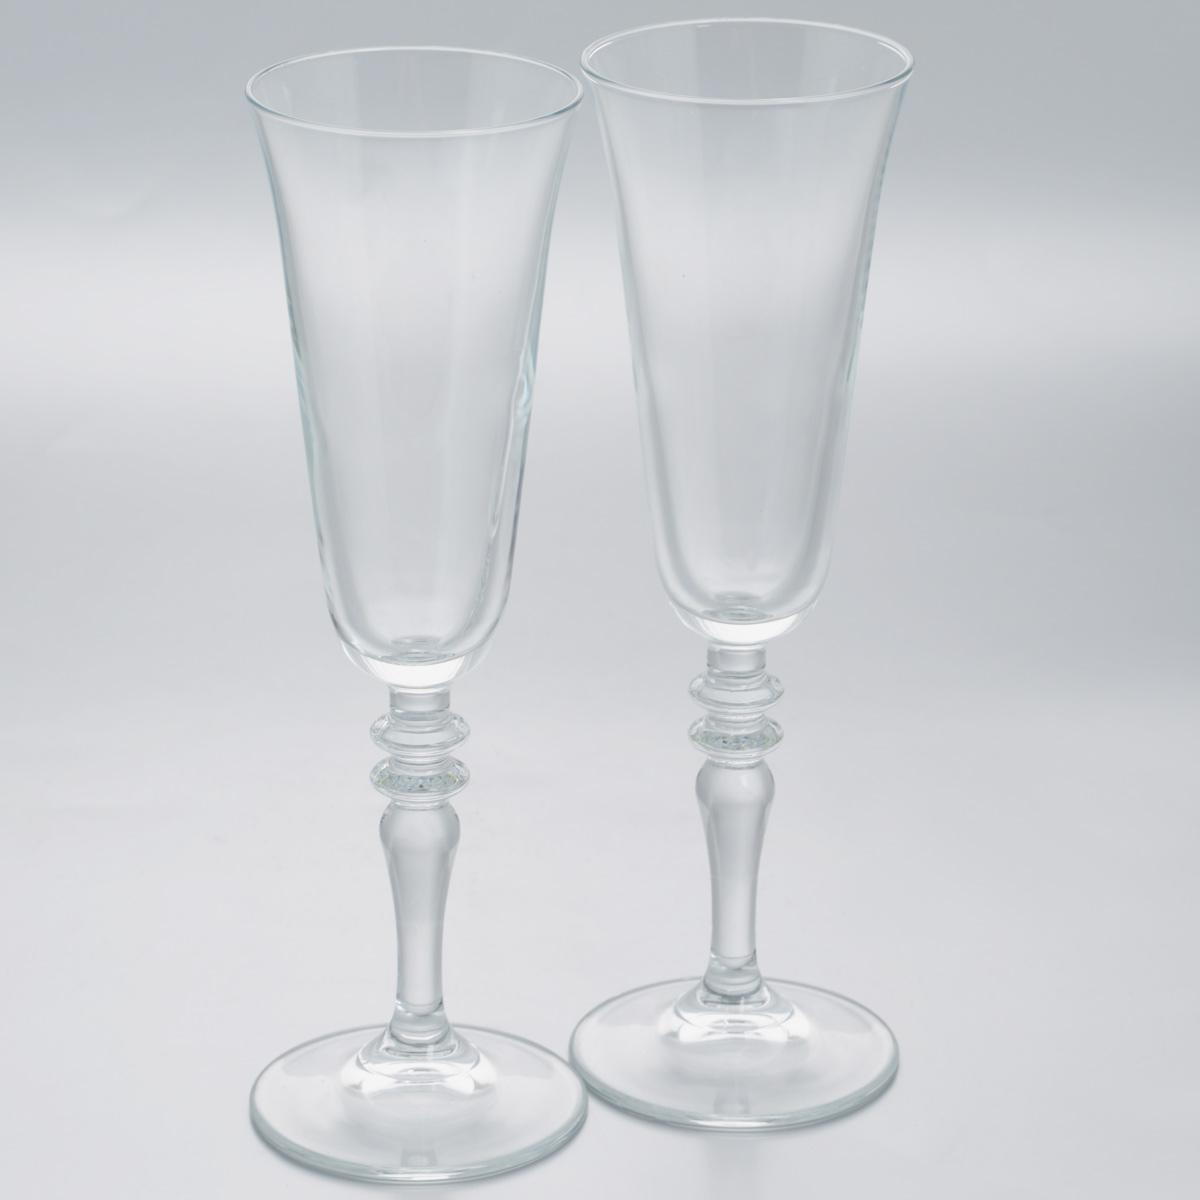 Набор бокалов Pasabahce Vintage, 190 мл, 2 шт440283B//Набор Pasabahce Vintage состоит из двух бокалов, выполненных из прочного натрий-кальций-силикатного стекла. Изделия оснащены изящными ножками, отлично подходят для подачи шампанского или вина. Бокалы сочетают в себе элегантный дизайн и функциональность. Набор бокалов Pasabahce Vintage прекрасно оформит праздничный стол и создаст приятную атмосферу за ужином. Такой набор также станет хорошим подарком к любому случаю. Можно мыть в посудомоечной машине. Диаметр бокала по верхнему краю: 7 см. Высота бокала: 23 см.